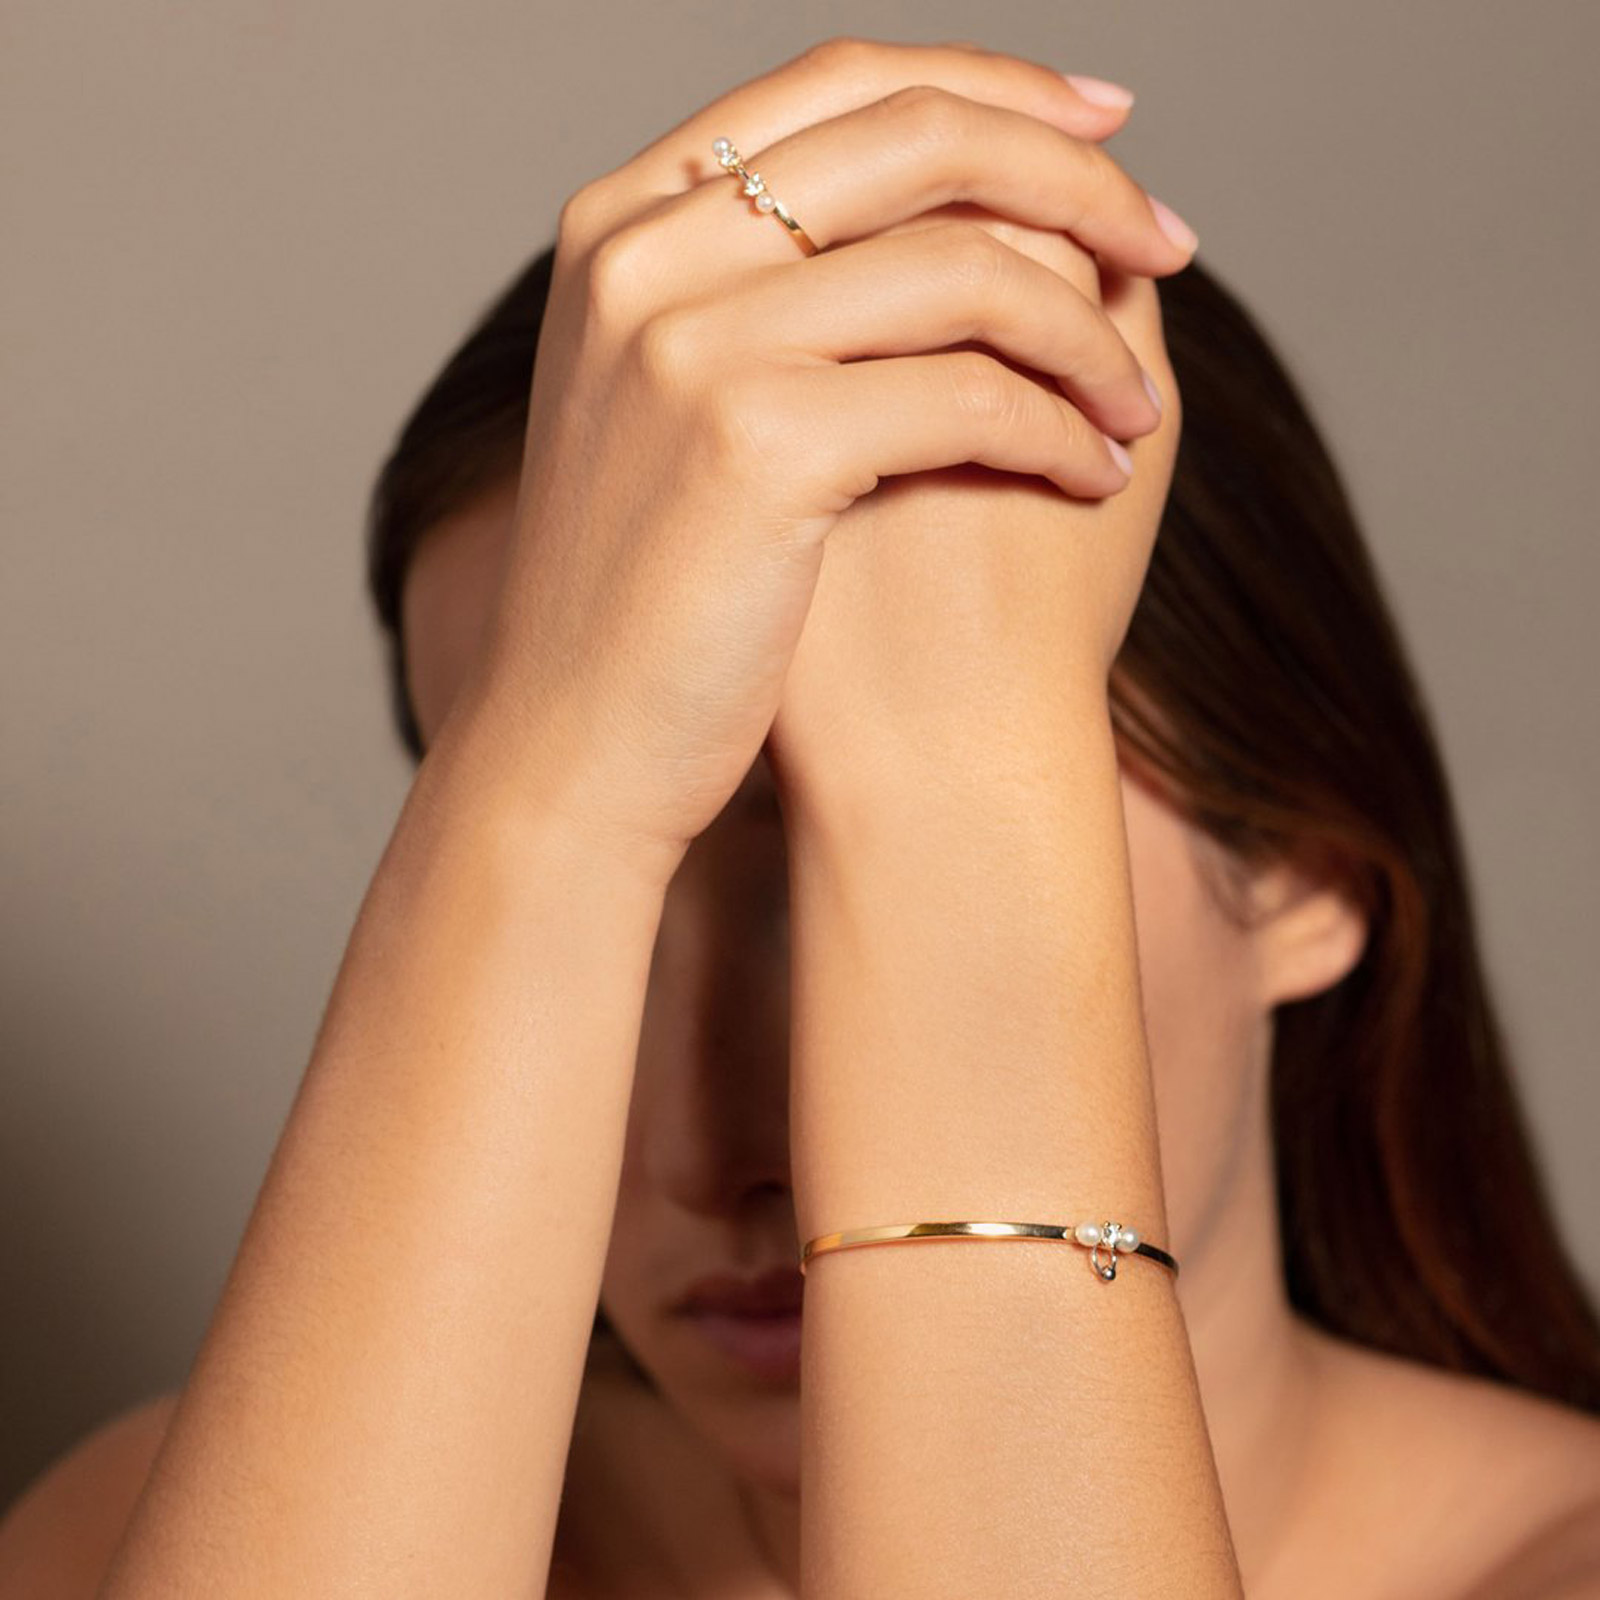 Delfina Delettrez - Fedina Two in One Pearl in oro giallo e bianco, diamanti bianchi e perle bianche Rosanna Cattolico gioielli